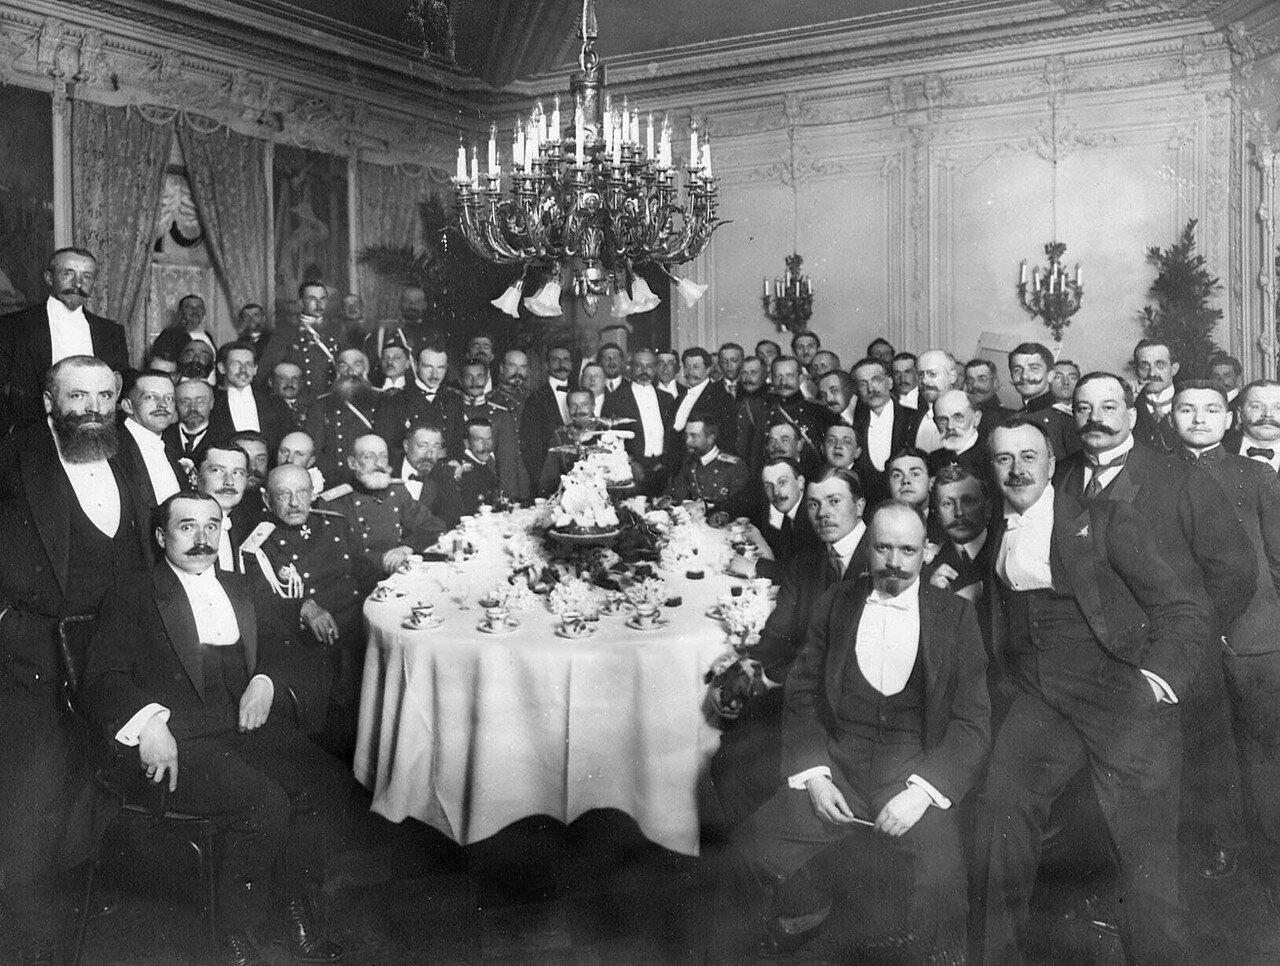 1910. Группа авиаторов за праздничным столом по случаю открытия авиационных состязаний